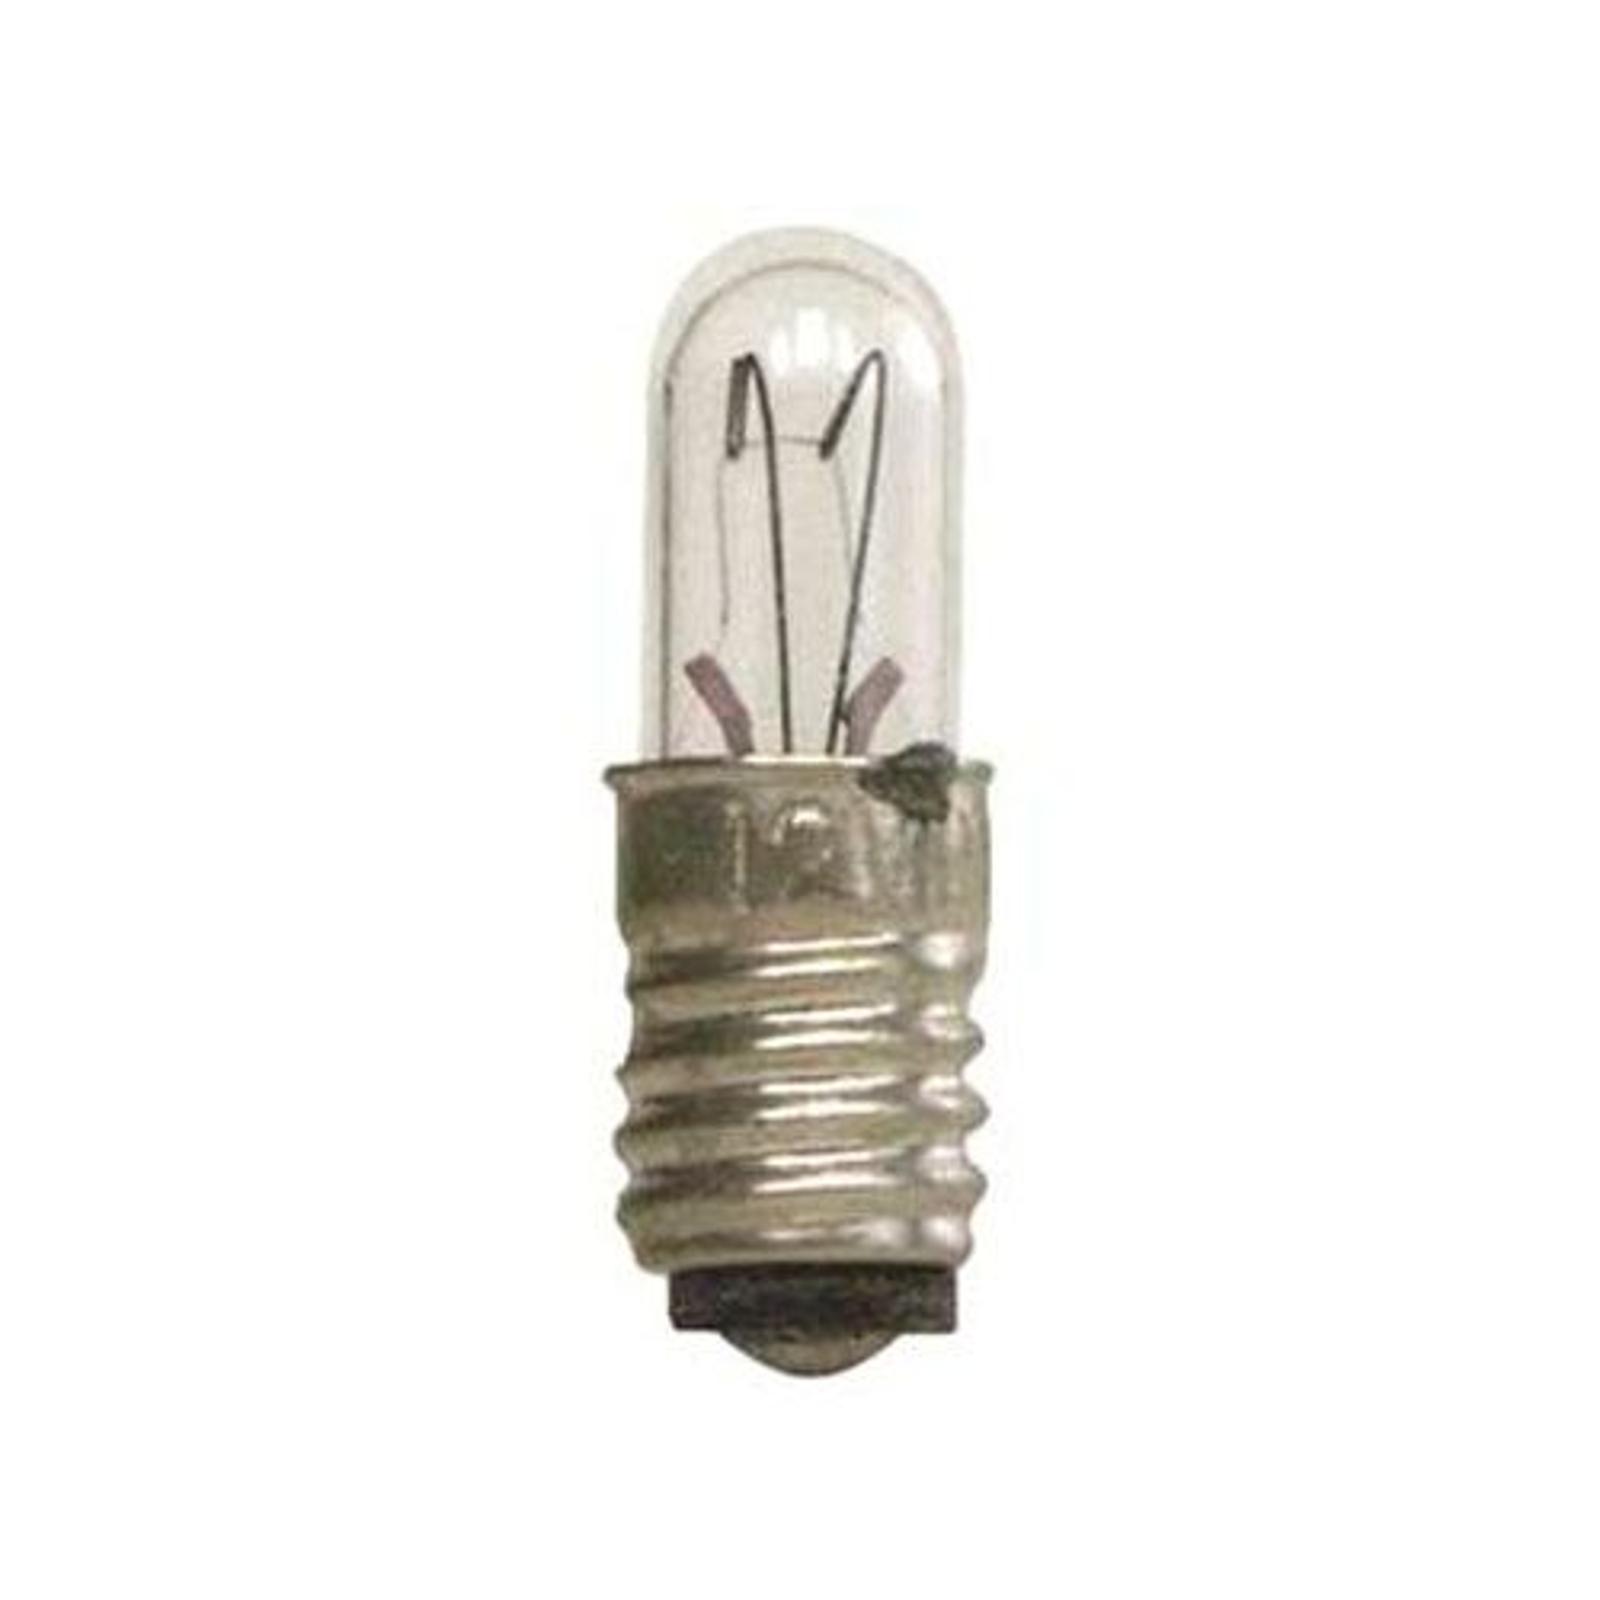 E5 0,4W 12V Ersatzlampen 5er Pack klar